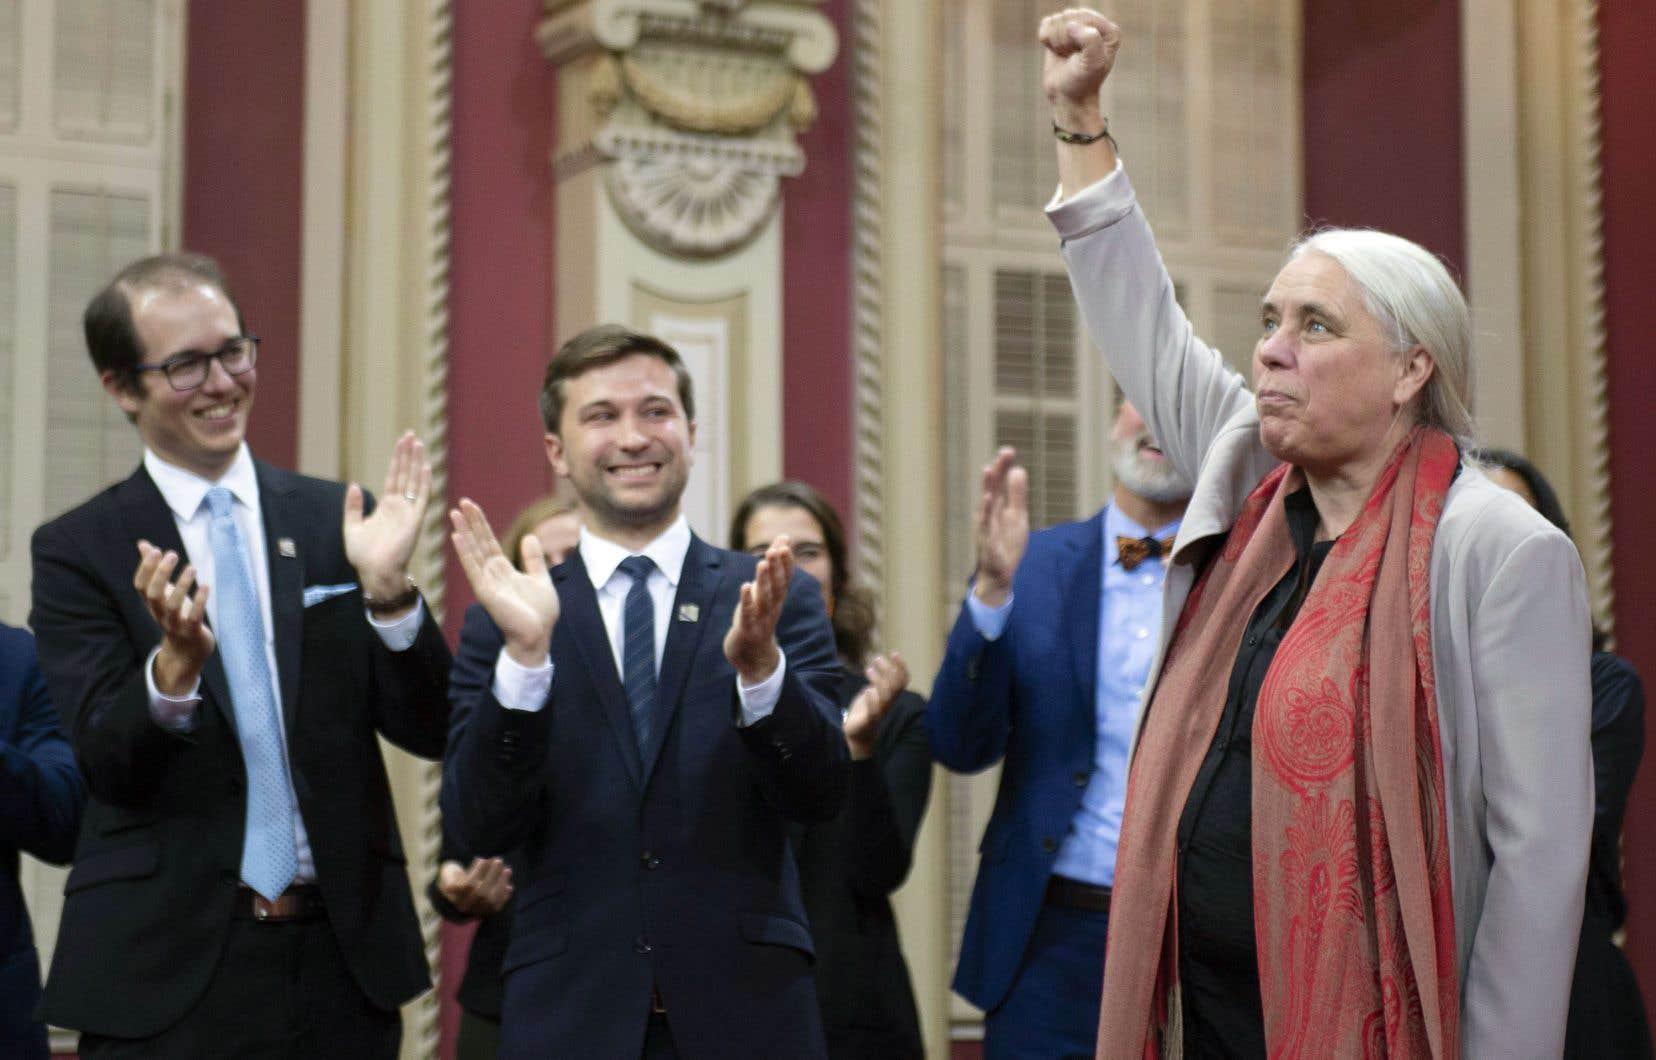 Sous le regard de Gabriel Nadeau-Dubois et des huit autres députés de Québec solidaire, Manon Massé a levé le poing lors de son assermentation à l'Assemblée nationale, mercredi à Québec.